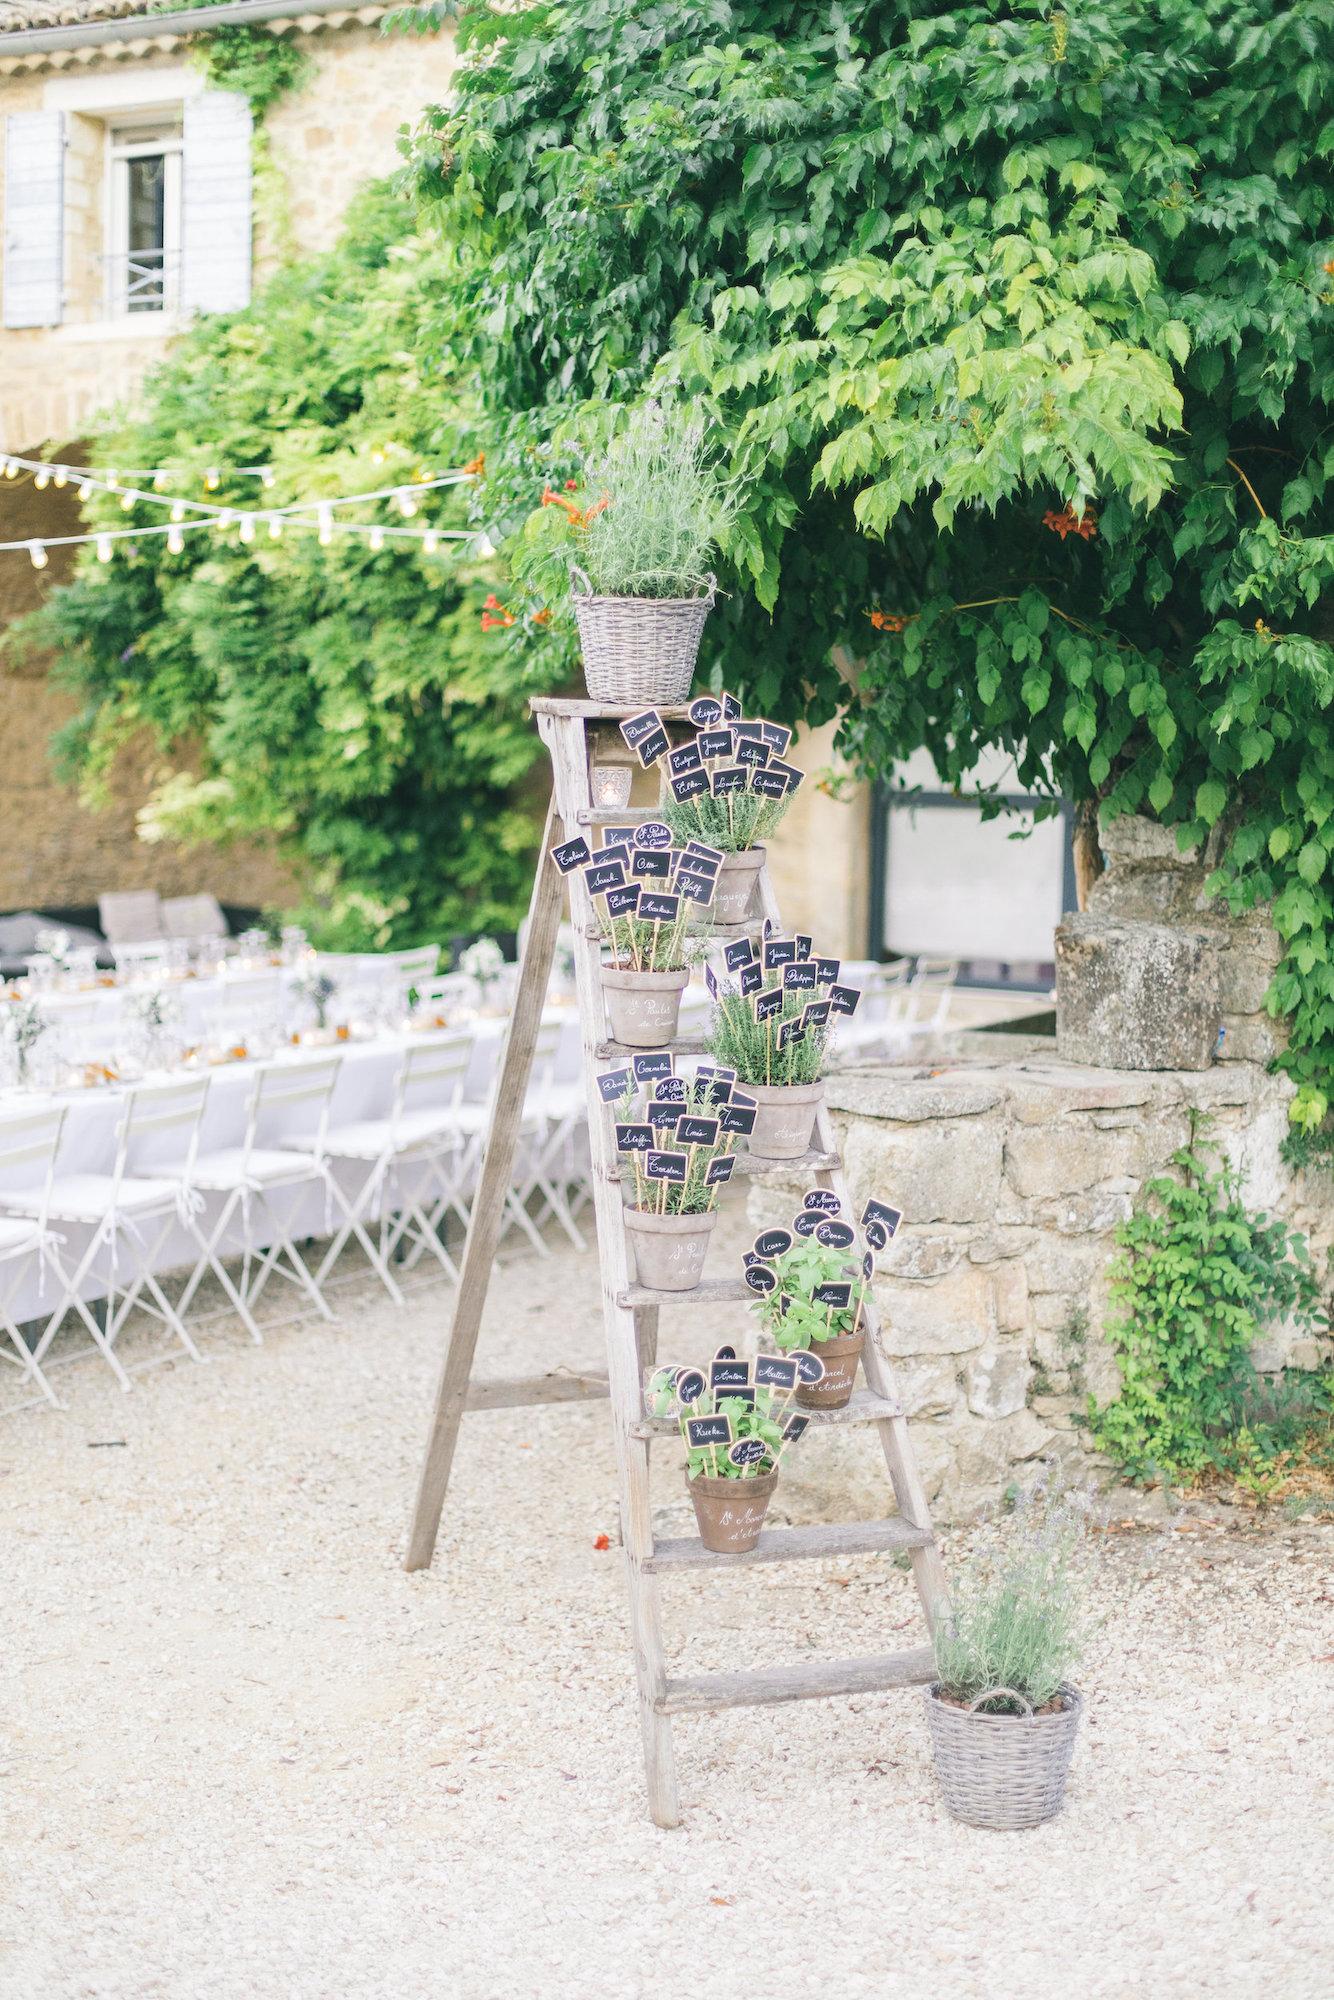 le coeur dans les etoiles - wedding planner - gard - provence - mariage provence - L&C - sebastien cabanes - plan de table